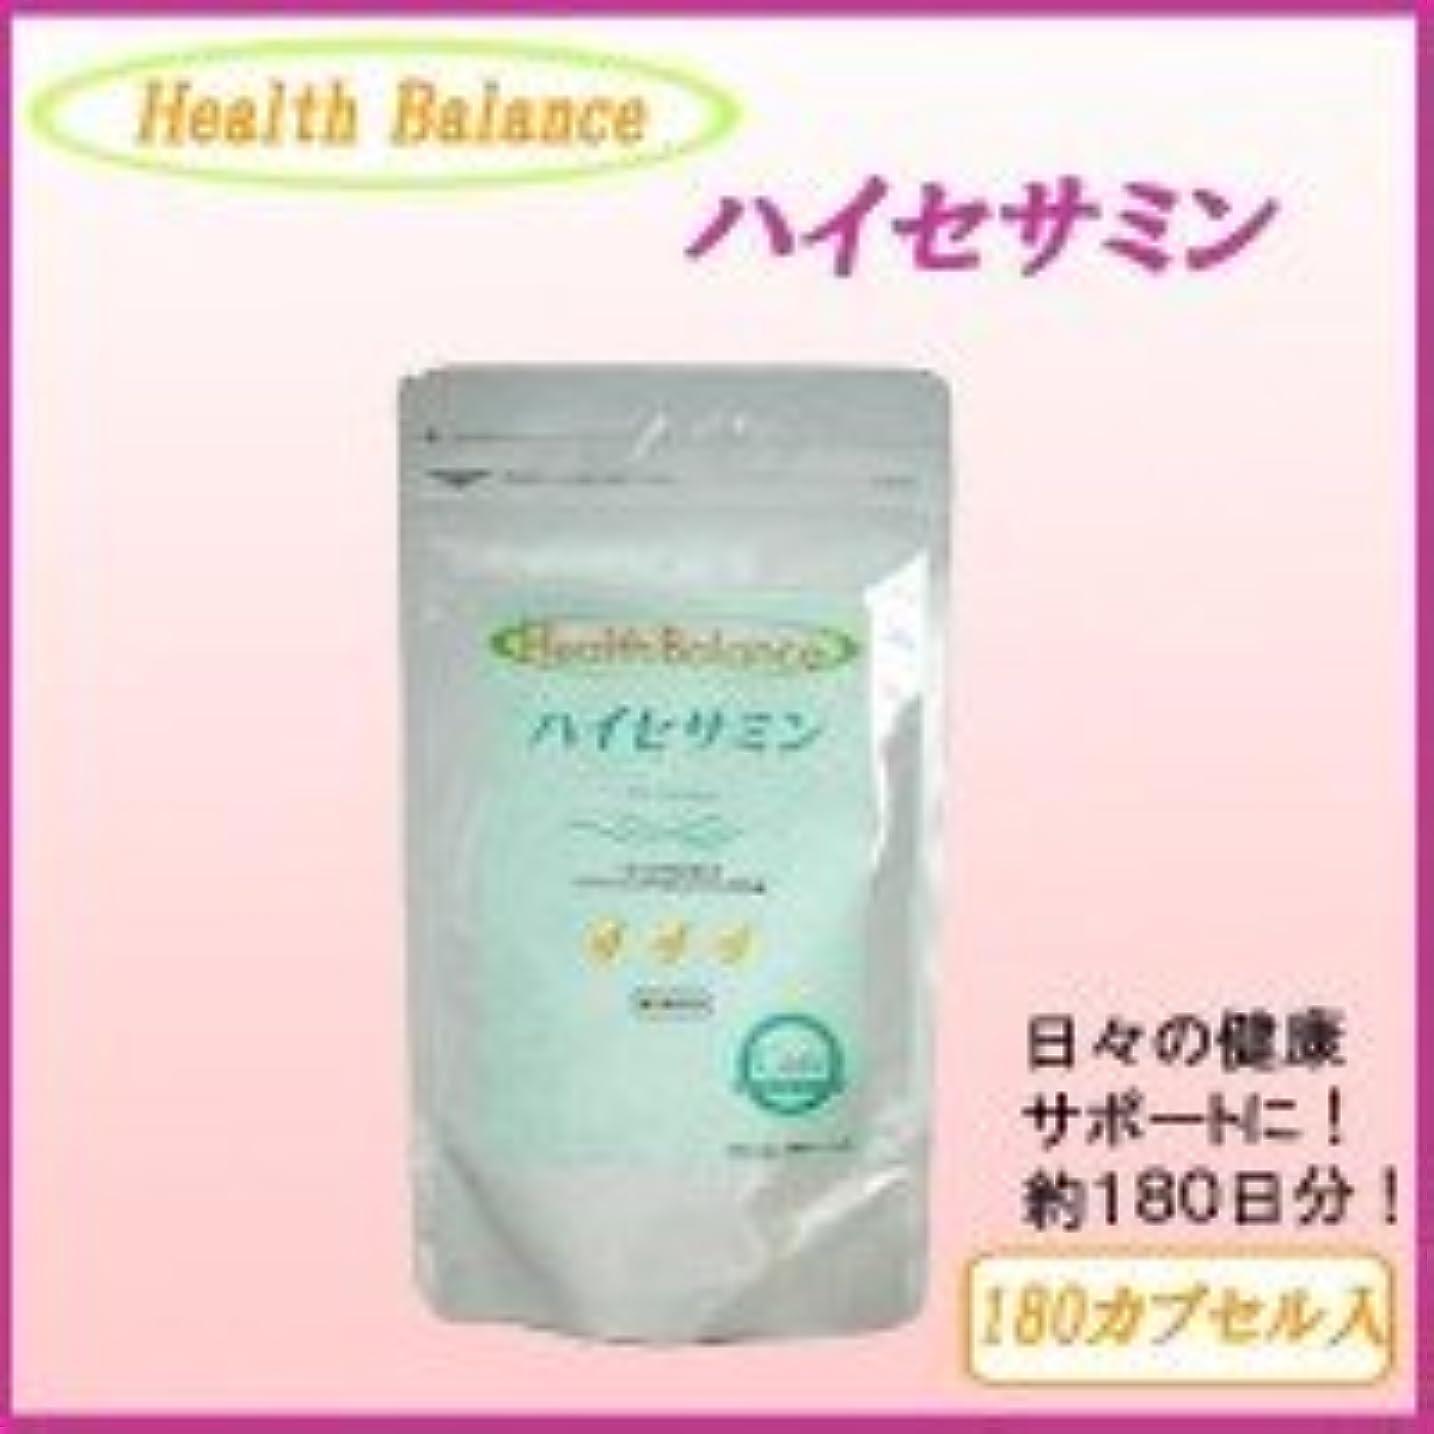 石平凡彫刻Health Balance ヘルスバランス ハイセサミン (約180日分)